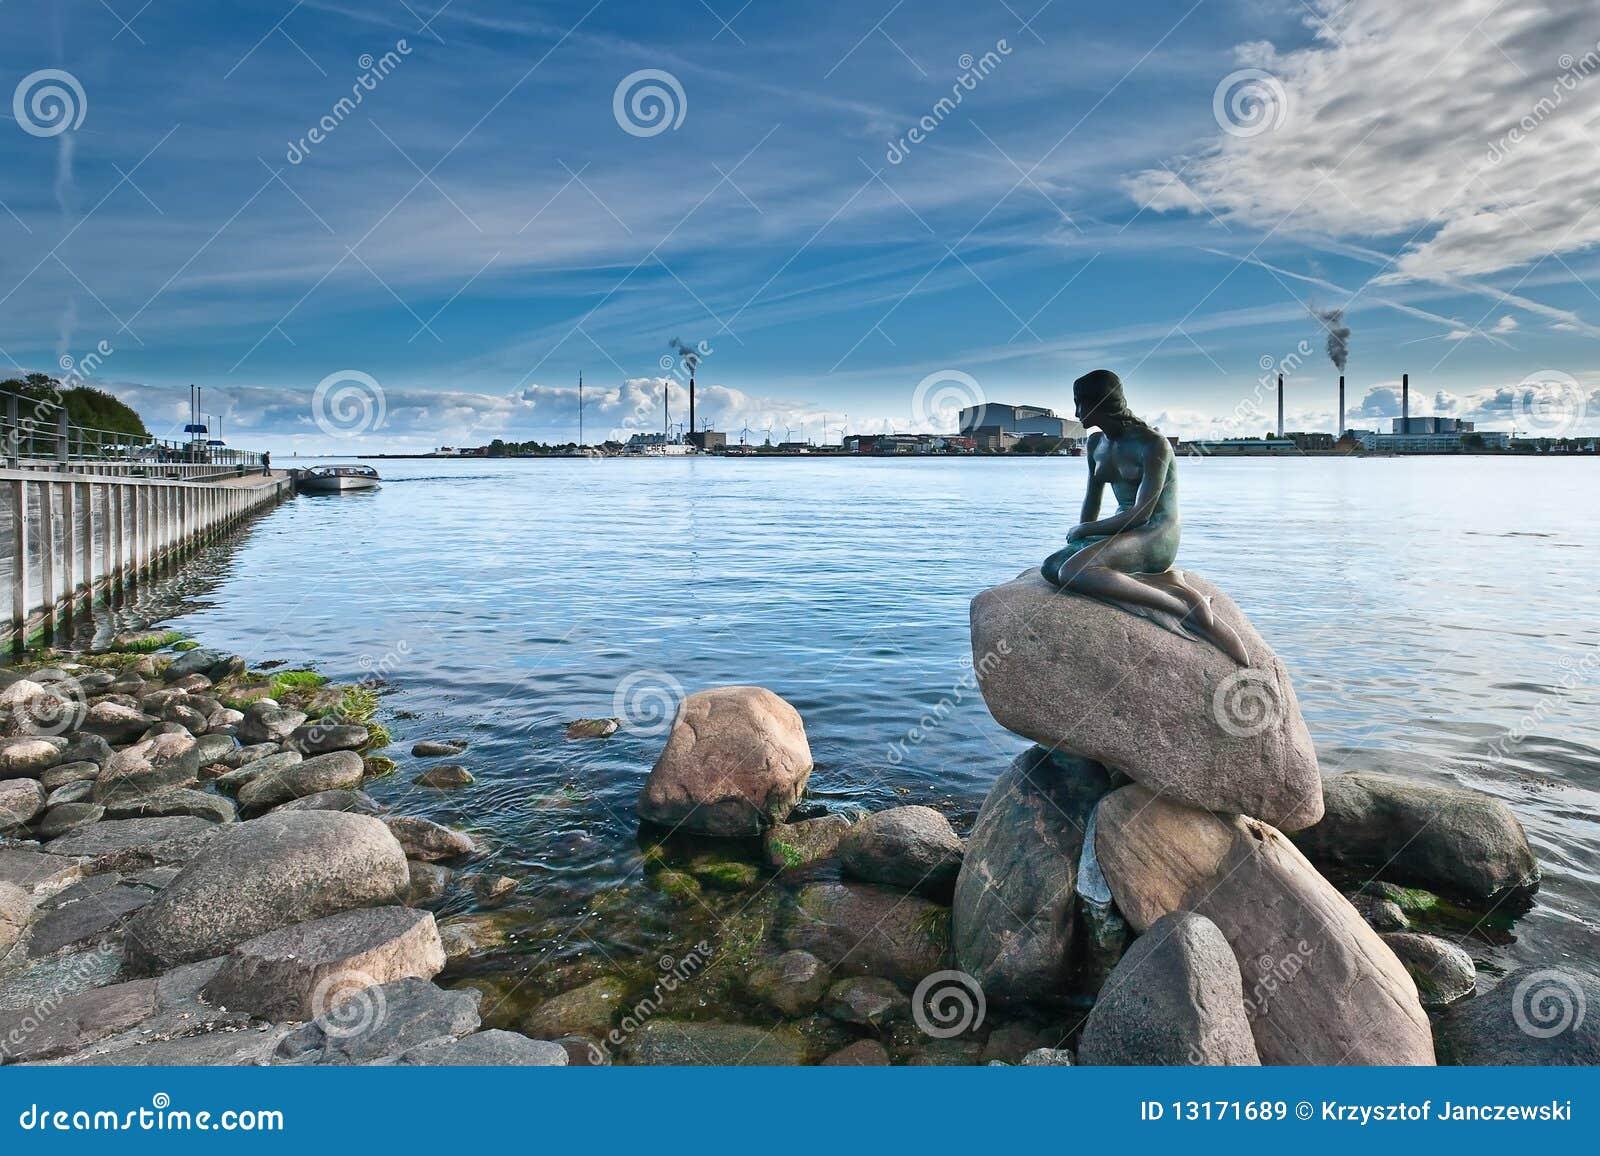 La belleza de Dinamarca.